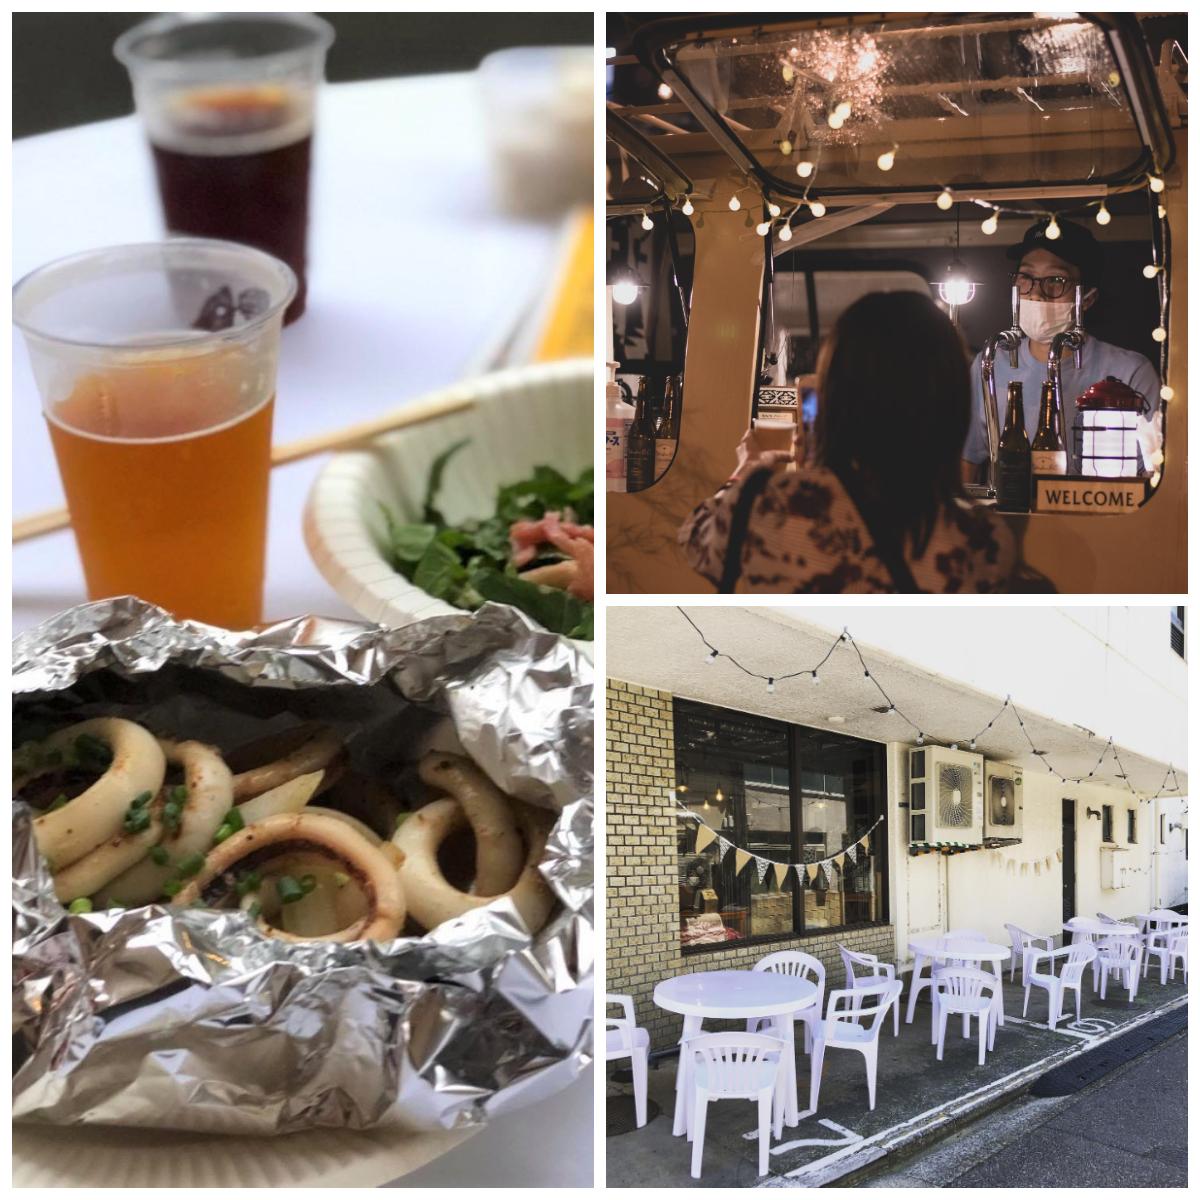 旅音ビアガーデン@金沢駅前三和商店街 金沢駅前のグルメストリートで週末ビアガーデンを楽しもう!